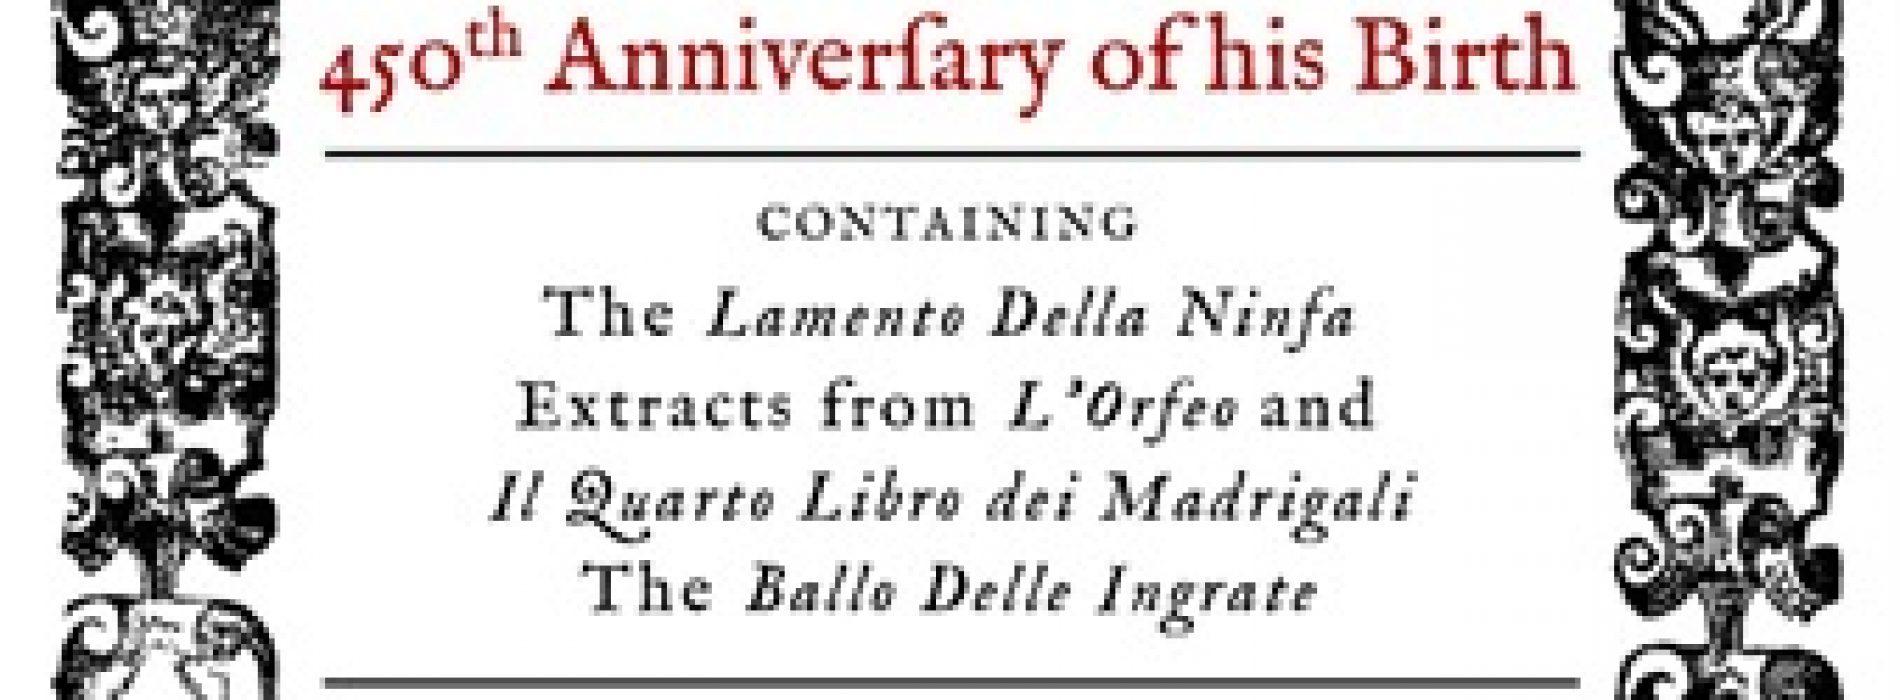 Mvsica Antica presents Monteverdi at 450